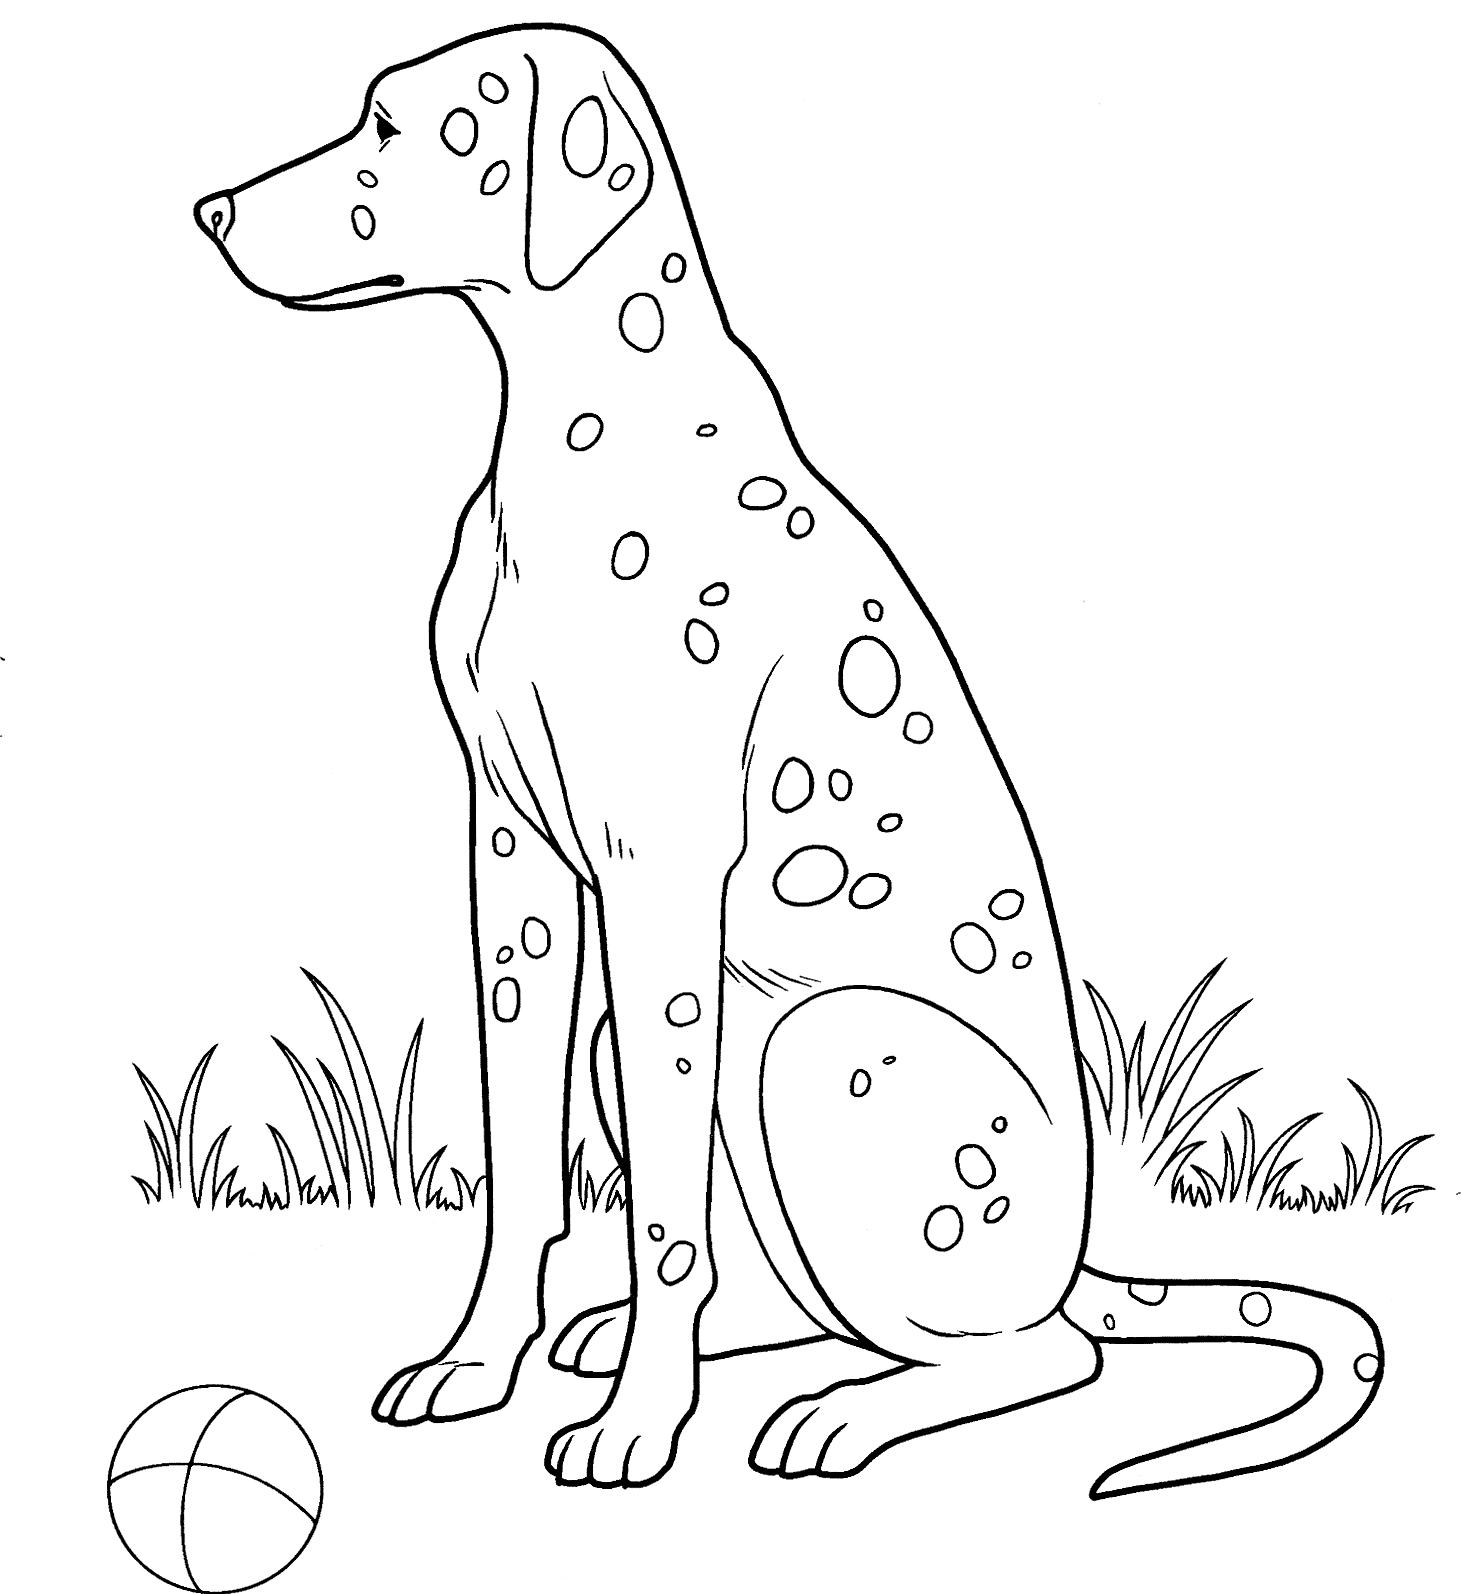 Disegni Da Colorare Animali Buffi.47 Disegni Cani Simpatici E Divertenti Da Colorare